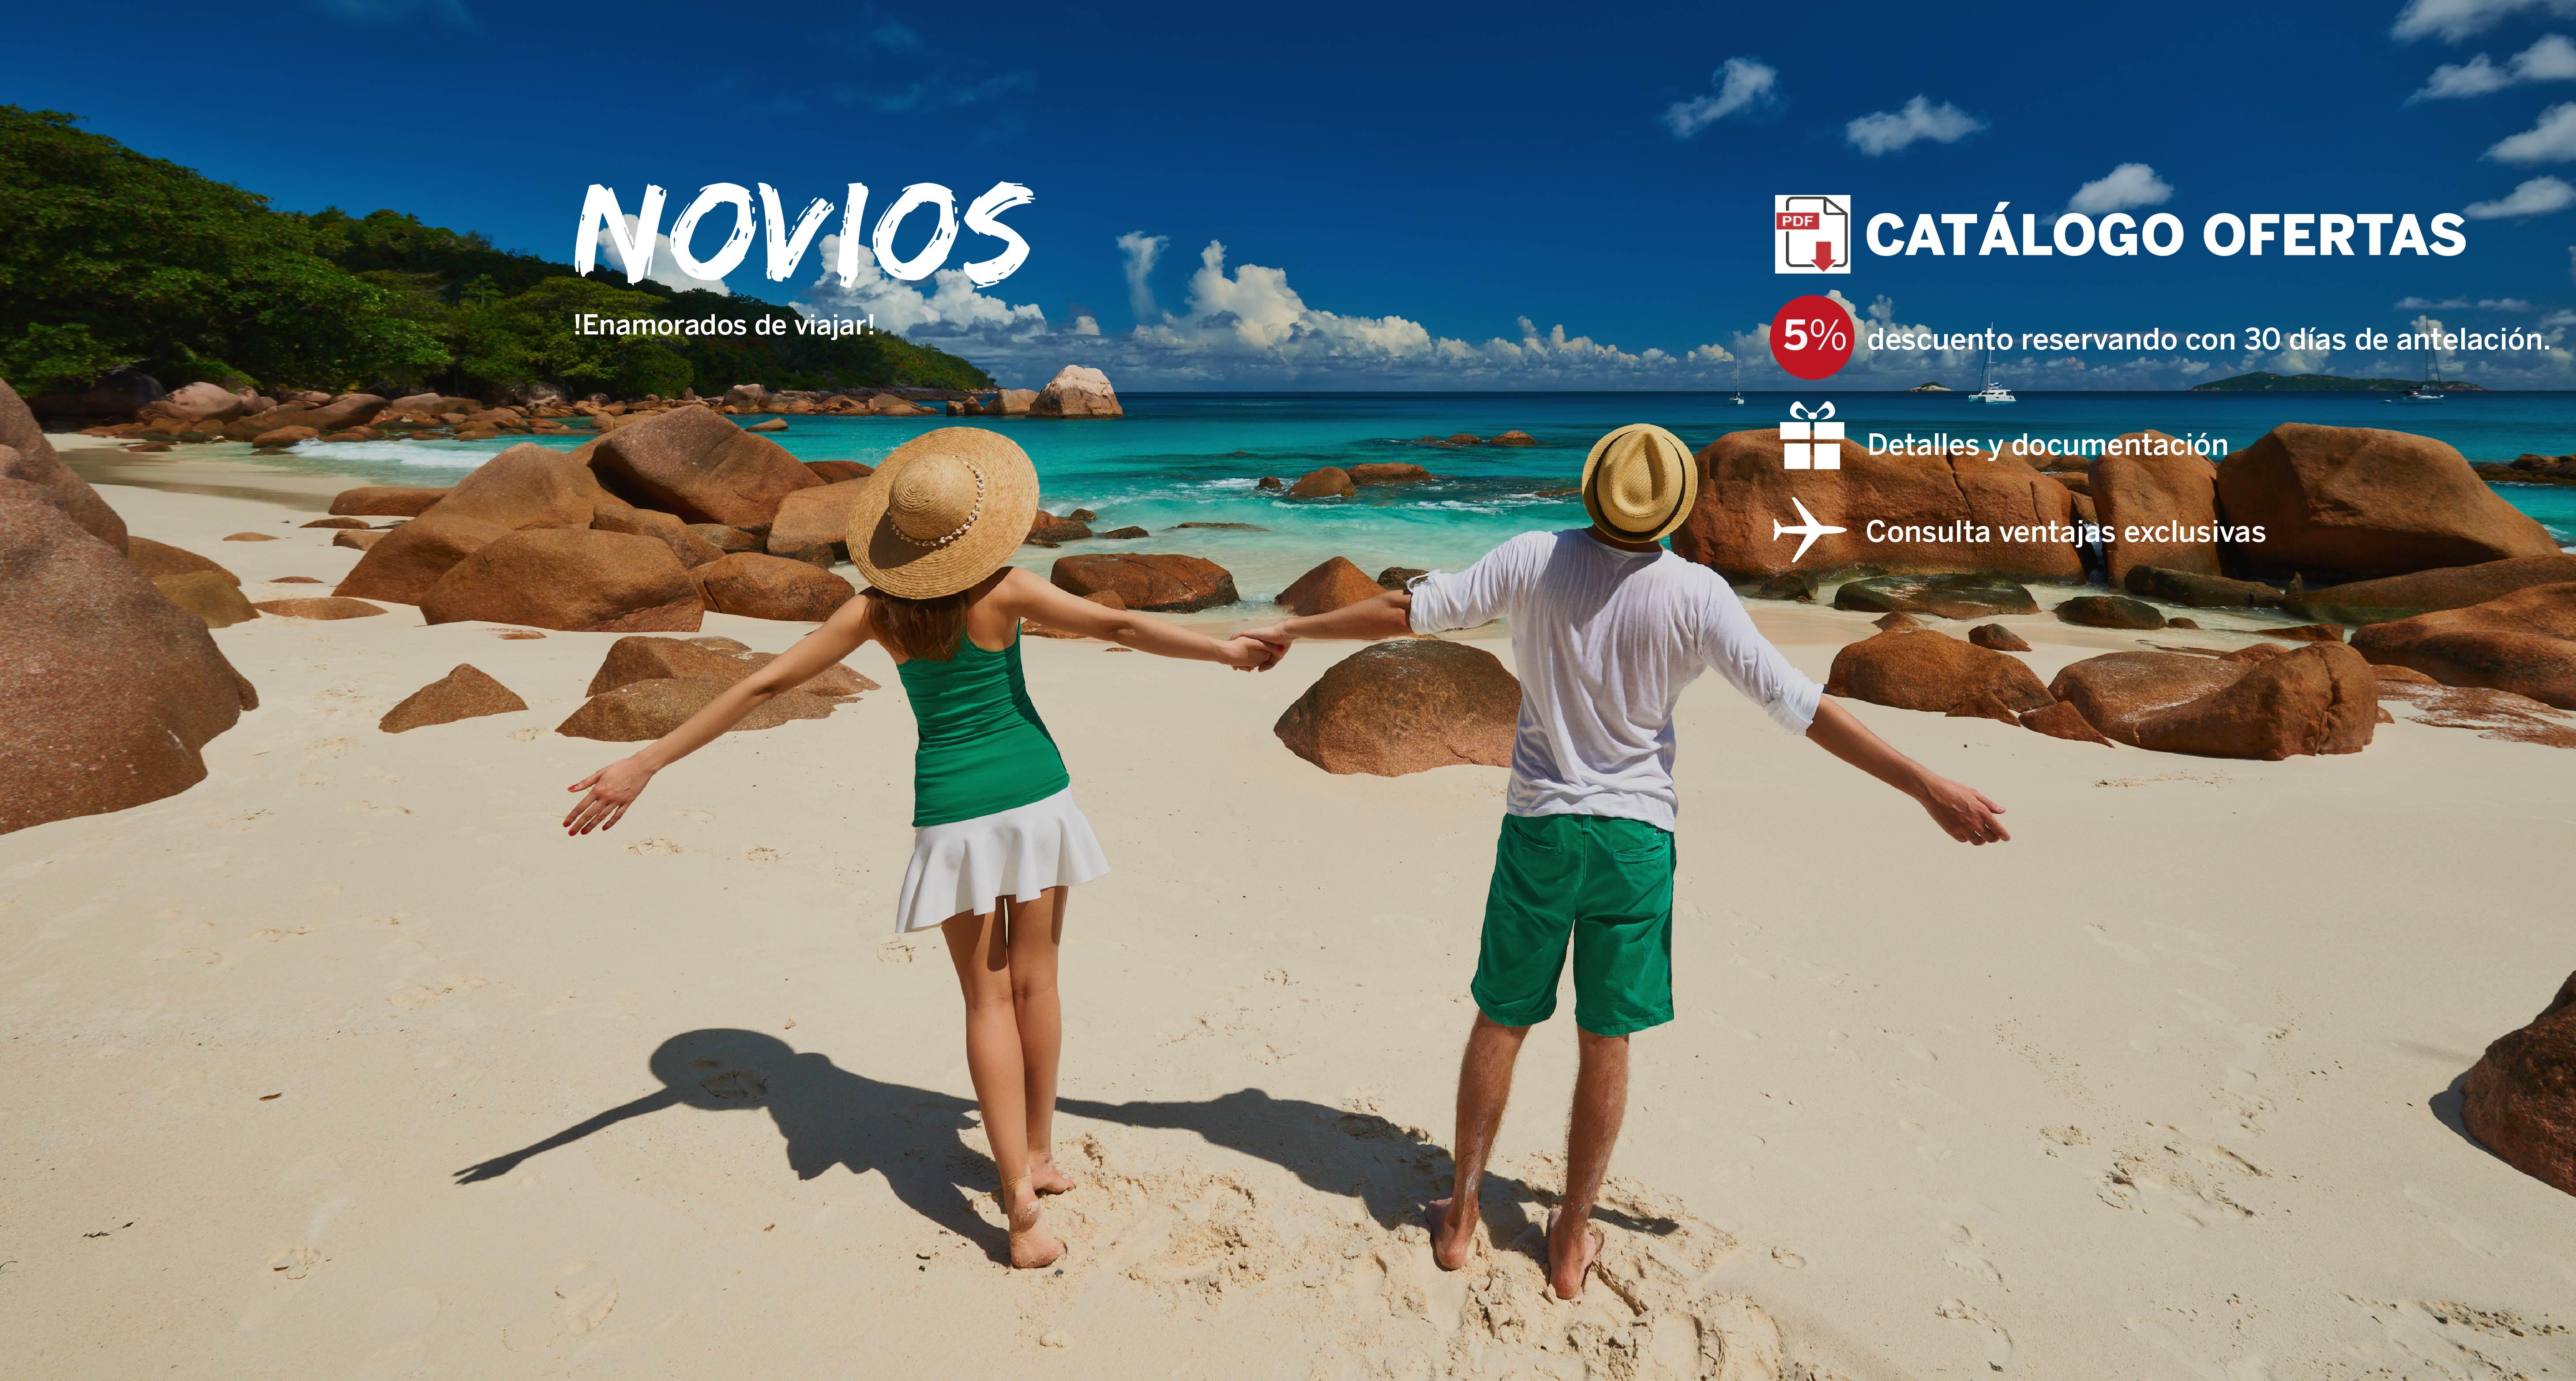 CATALOGO NOVIOS